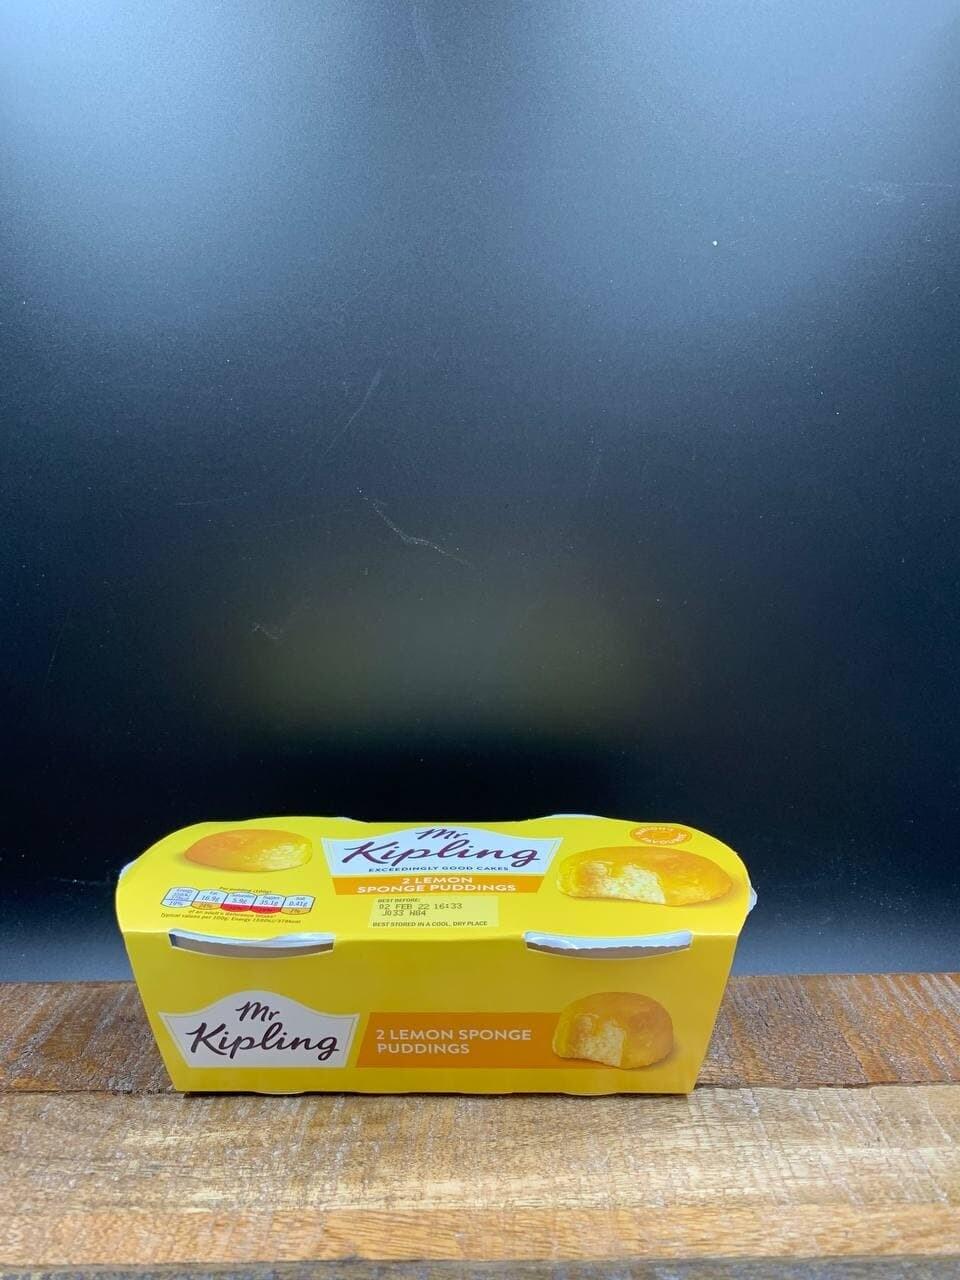 Mr. Kipling Lemon Sponge Puddings 2x108g